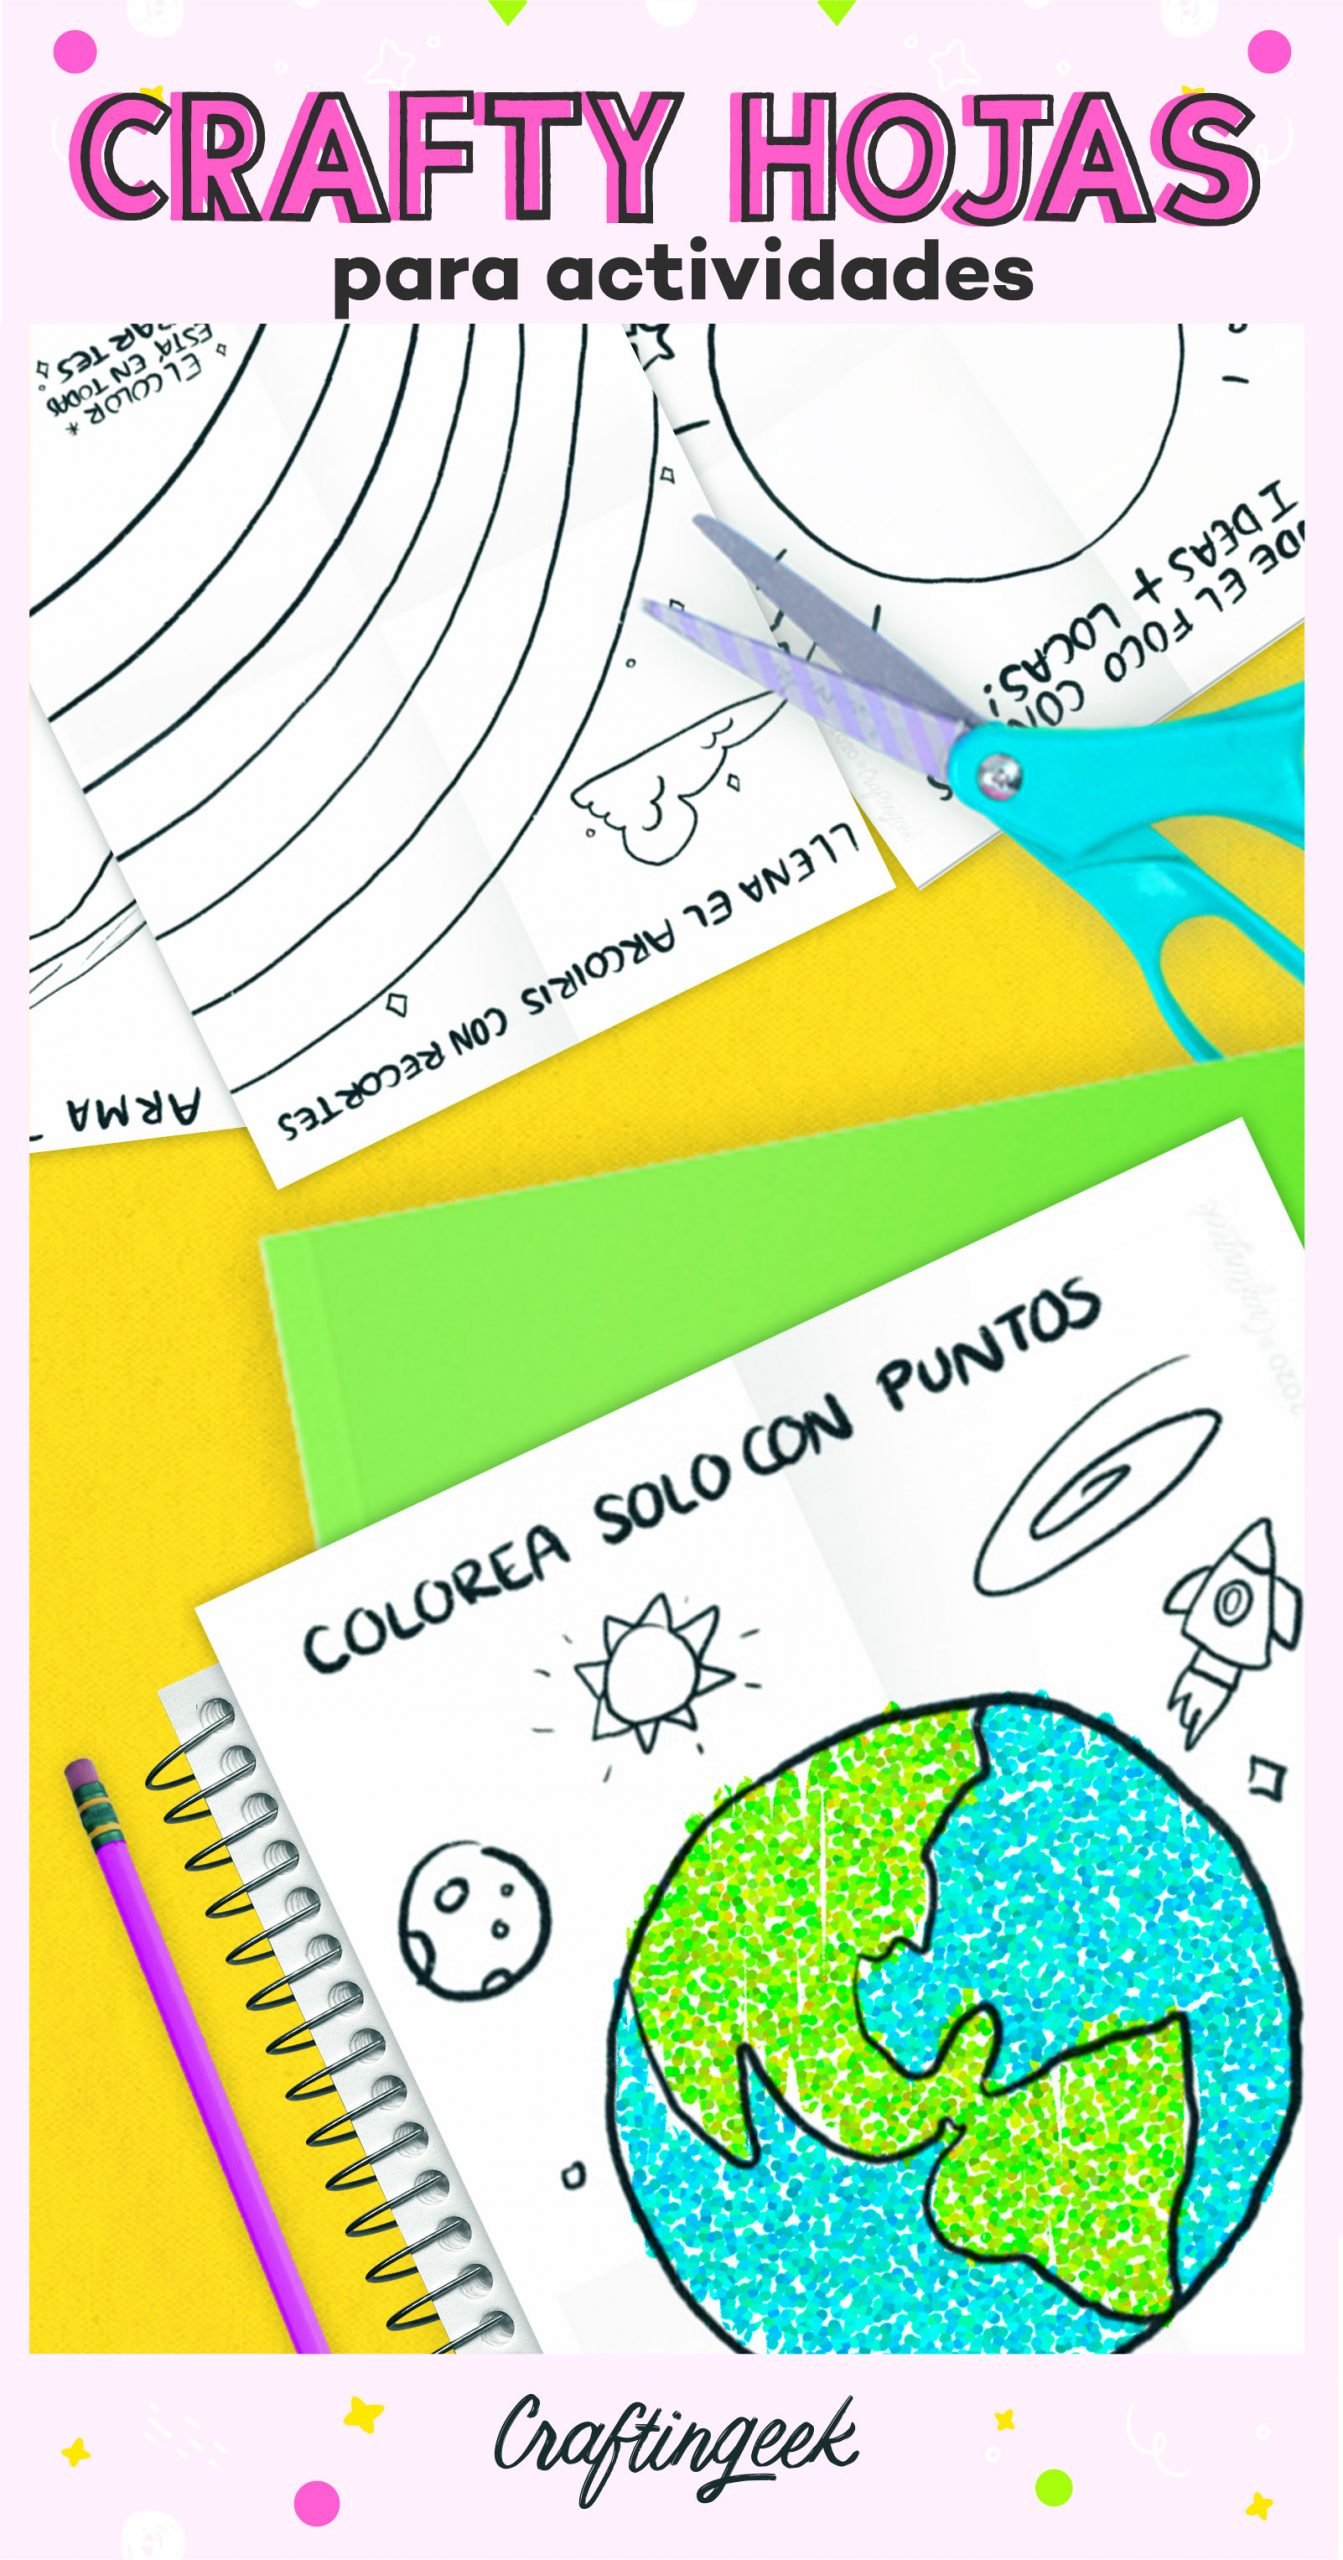 Inspira tu creatividad con las Crafty Hojas.